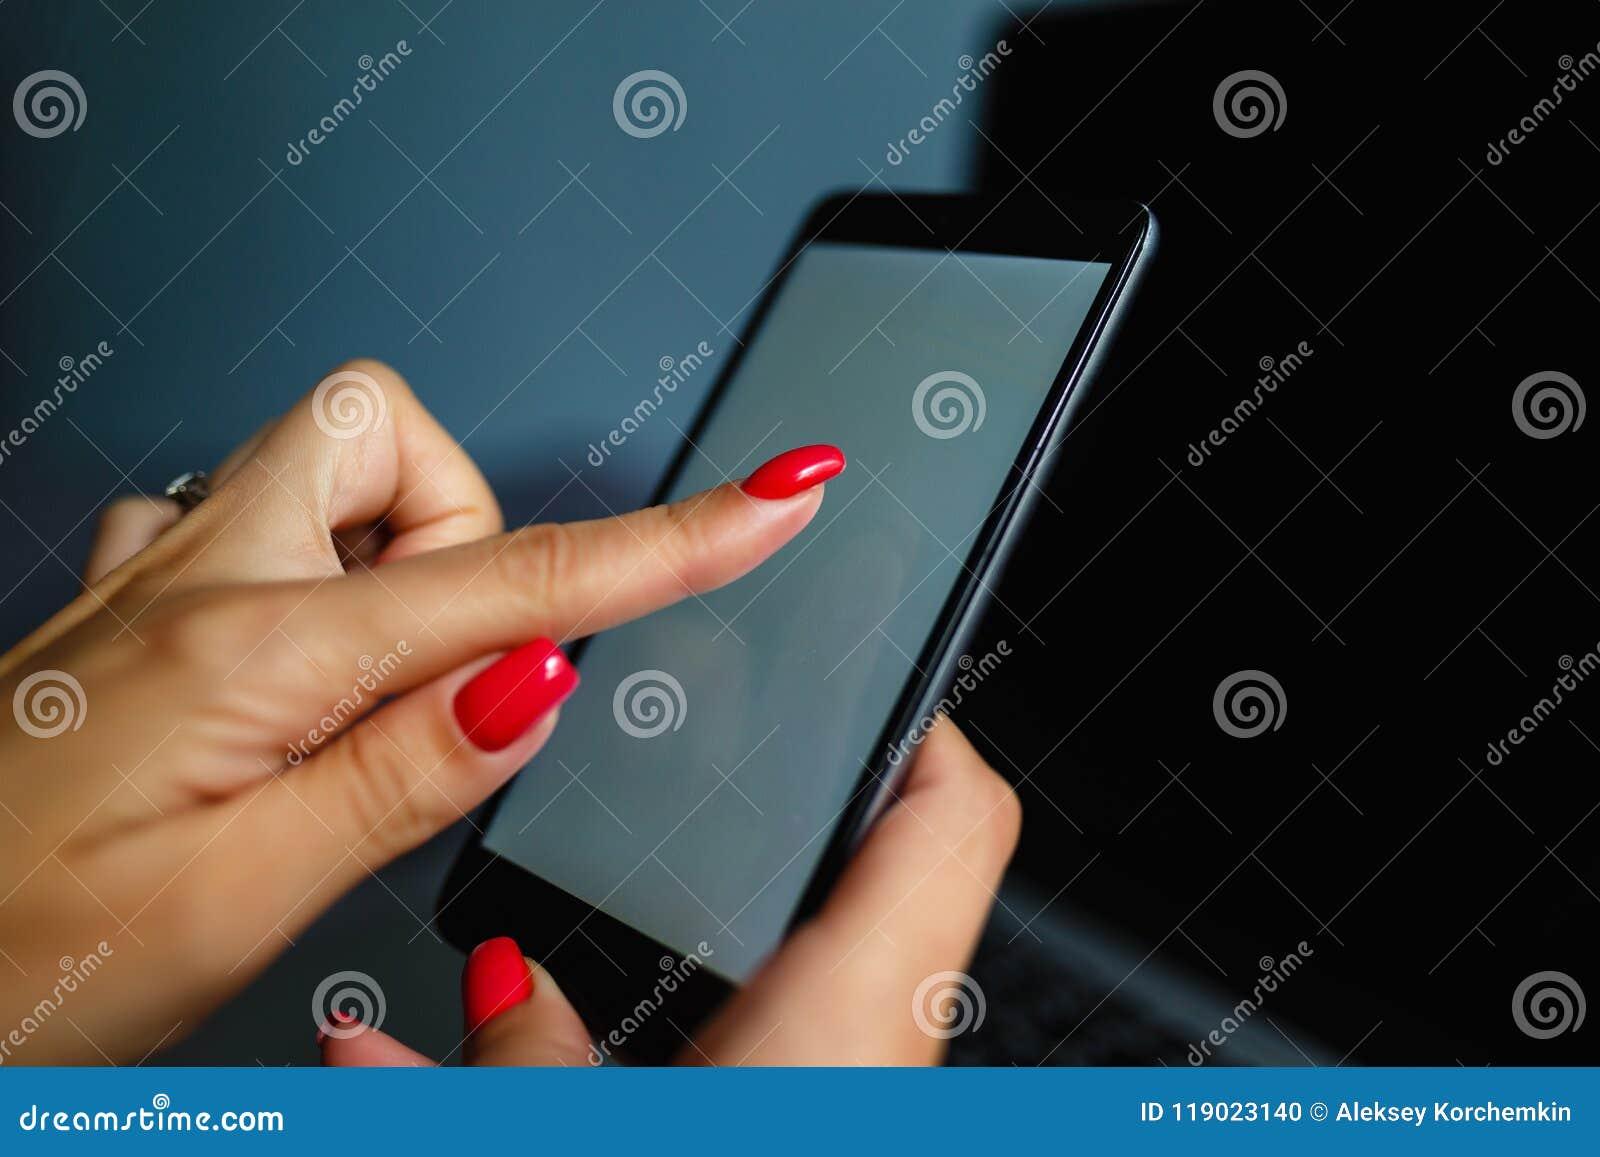 Καλή ξανθή γυναίκα που τηλεφωνά με το smartphone της που βρίσκεται στο κρεβάτι της δίπλα στο σημειωματάριό της Κινητό τηλέφωνο με